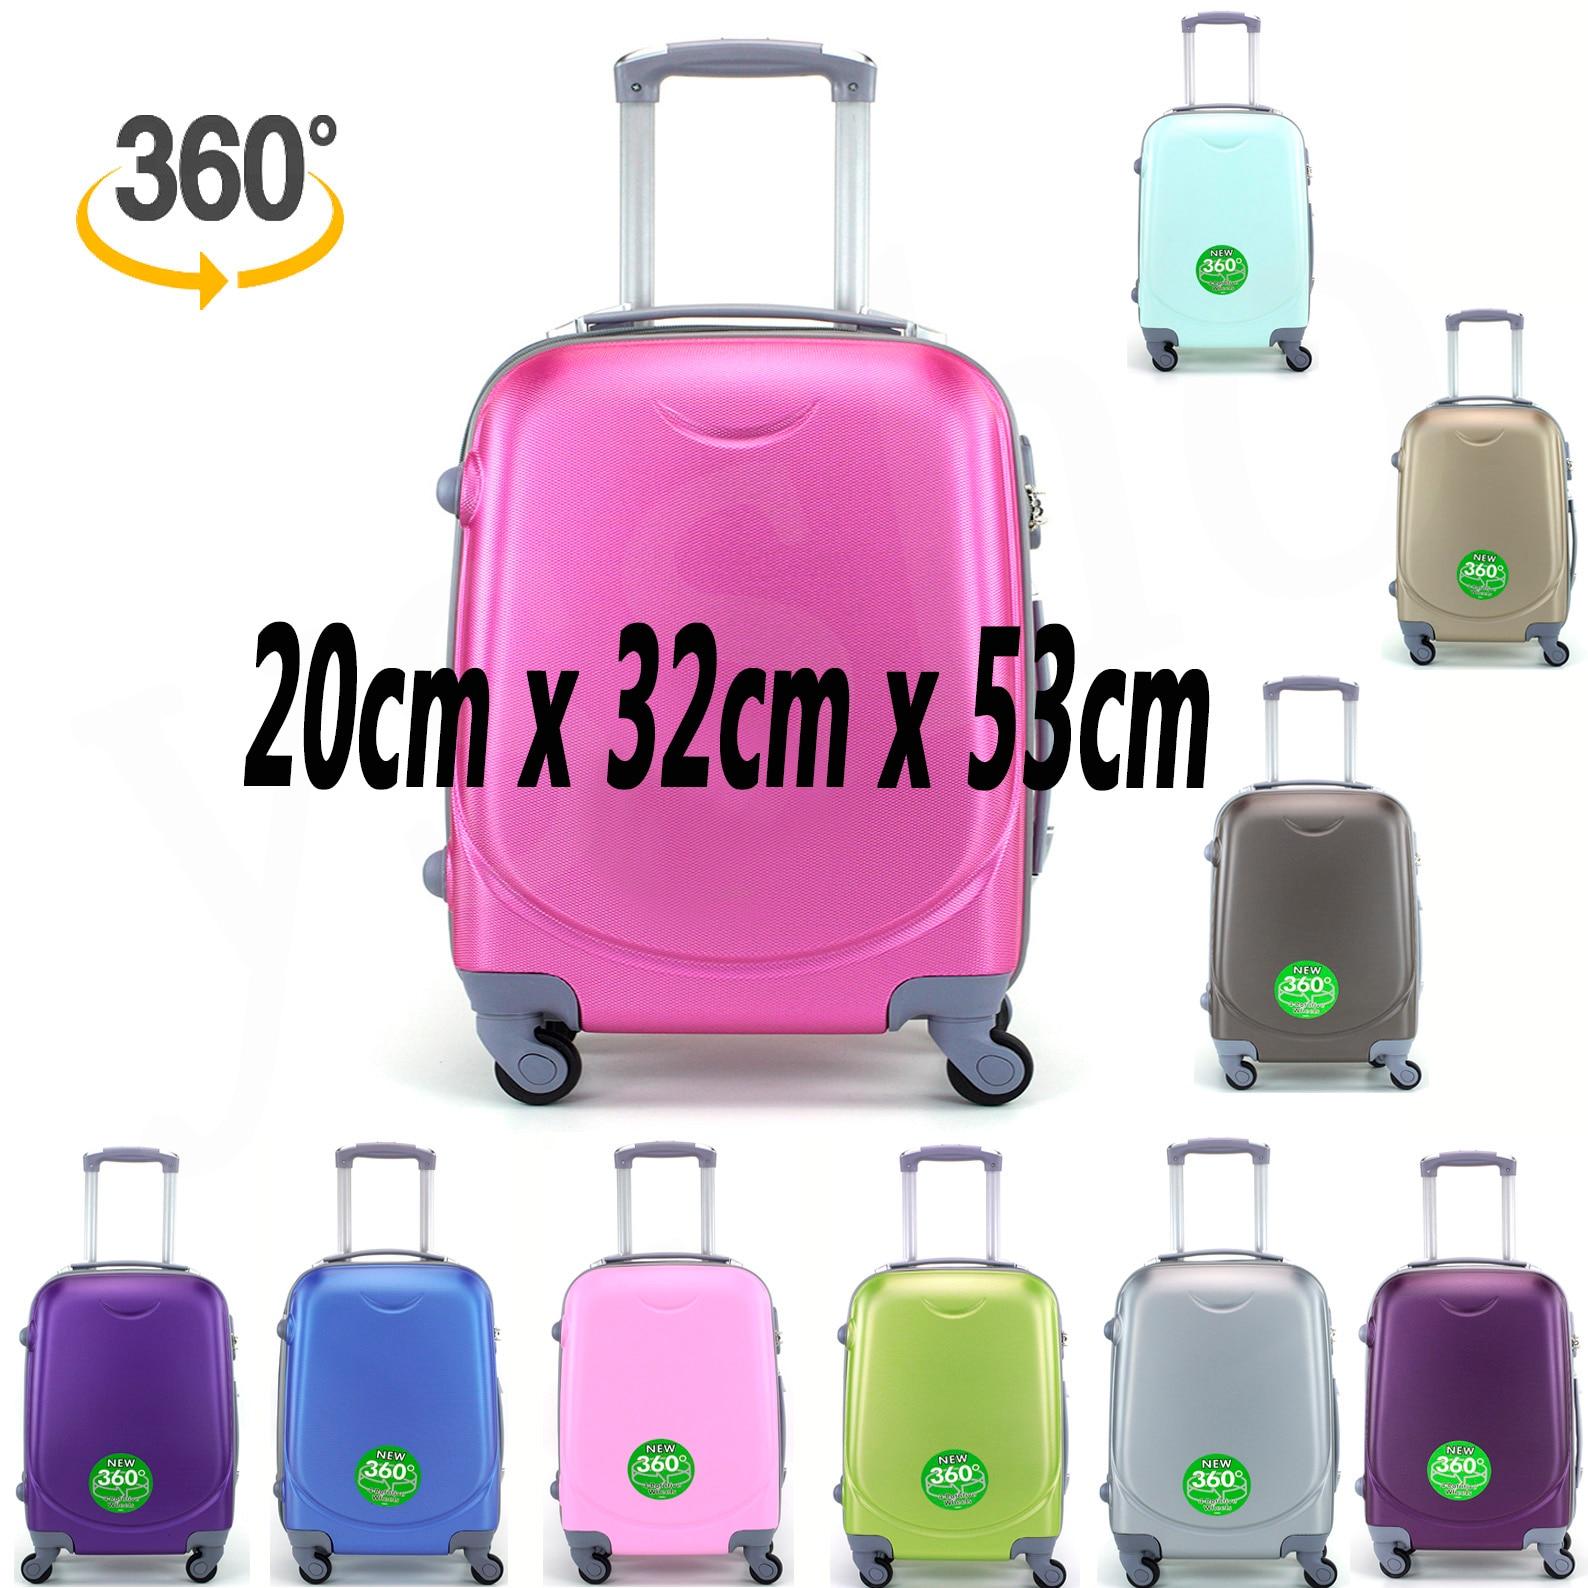 Suitcase Tickets Baggage de Hand Travel Cabin Trolley ABS Rigid 4 wheel castors